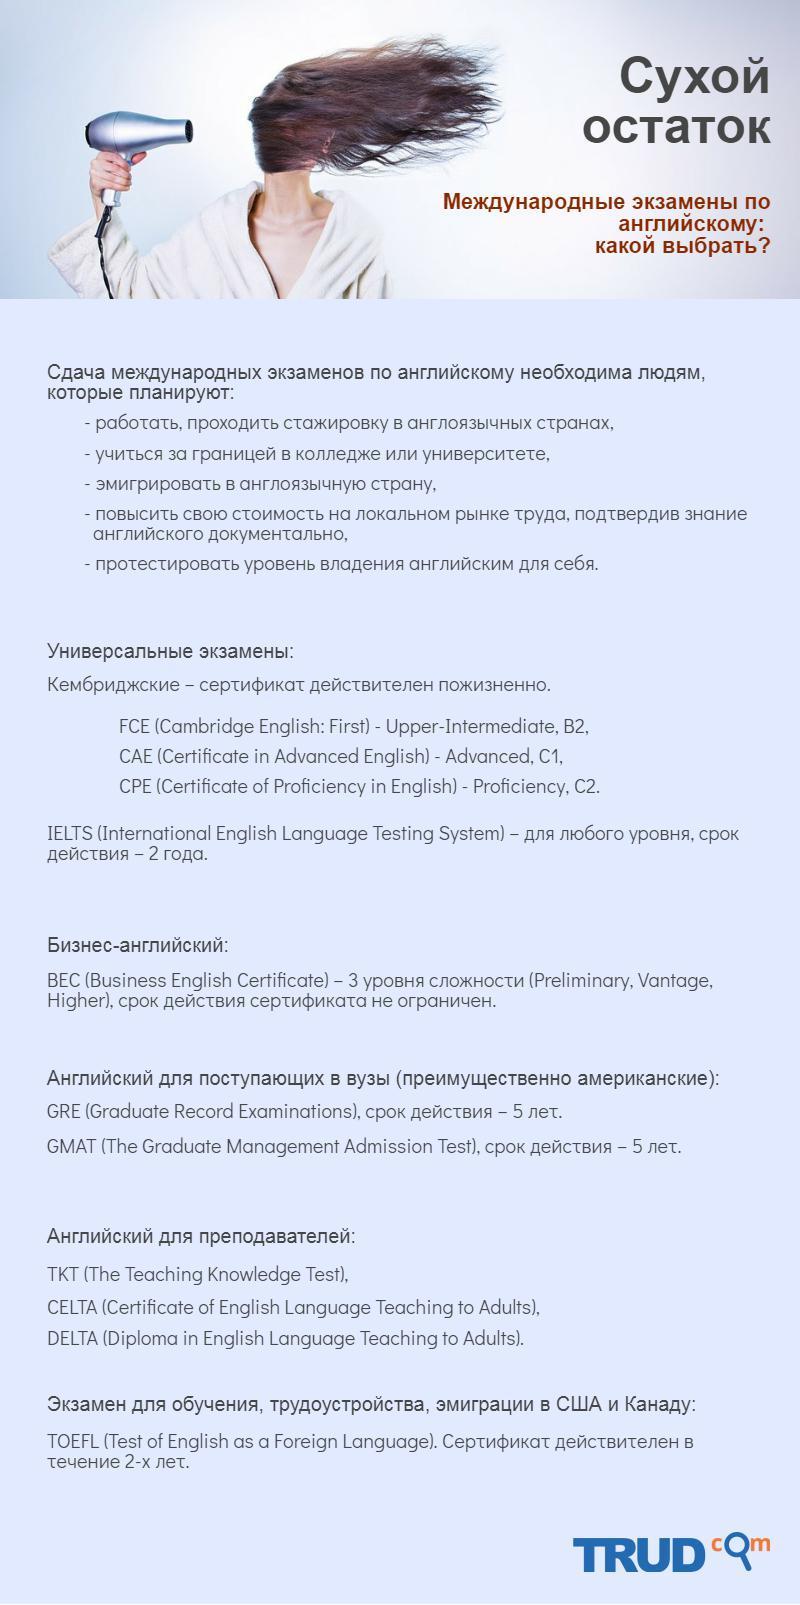 """Инфографика на тему """"Международные экзамены по английскому"""""""